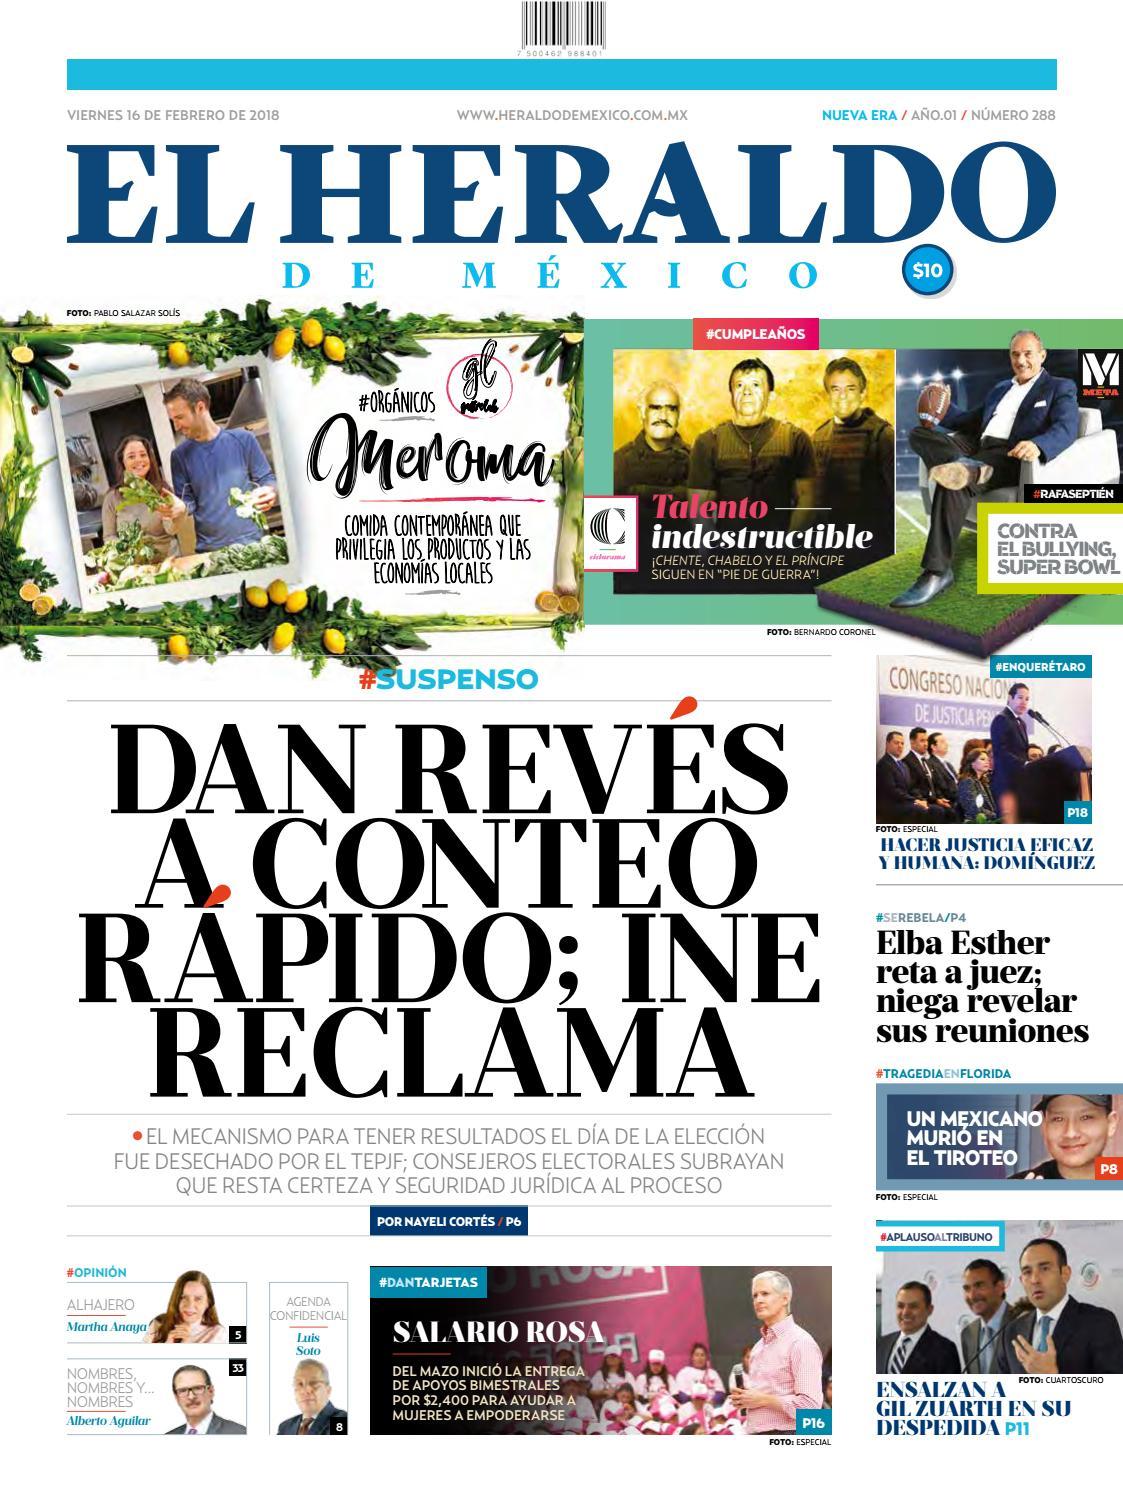 El Heraldo de México 16 de febrero de 2018 by El Heraldo de México - issuu